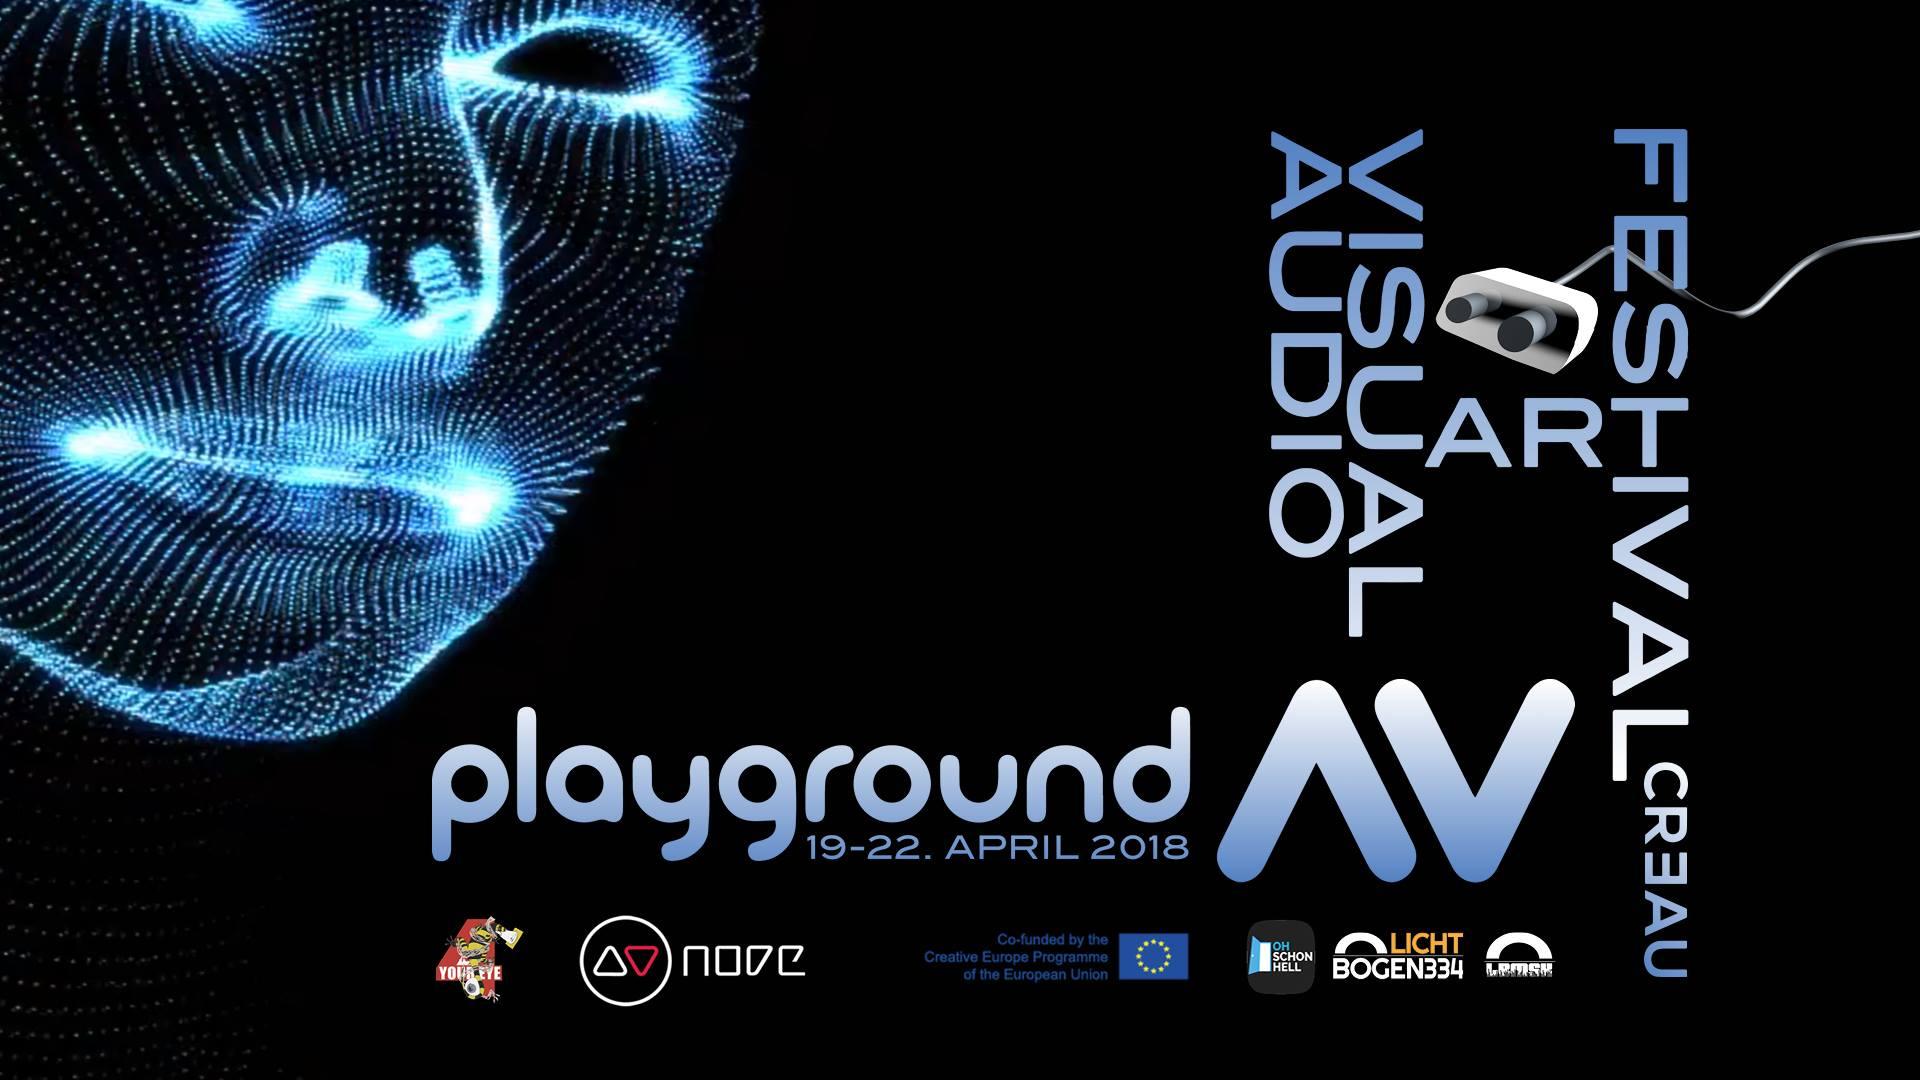 20.-22.4.2018 playground AV [Wien]